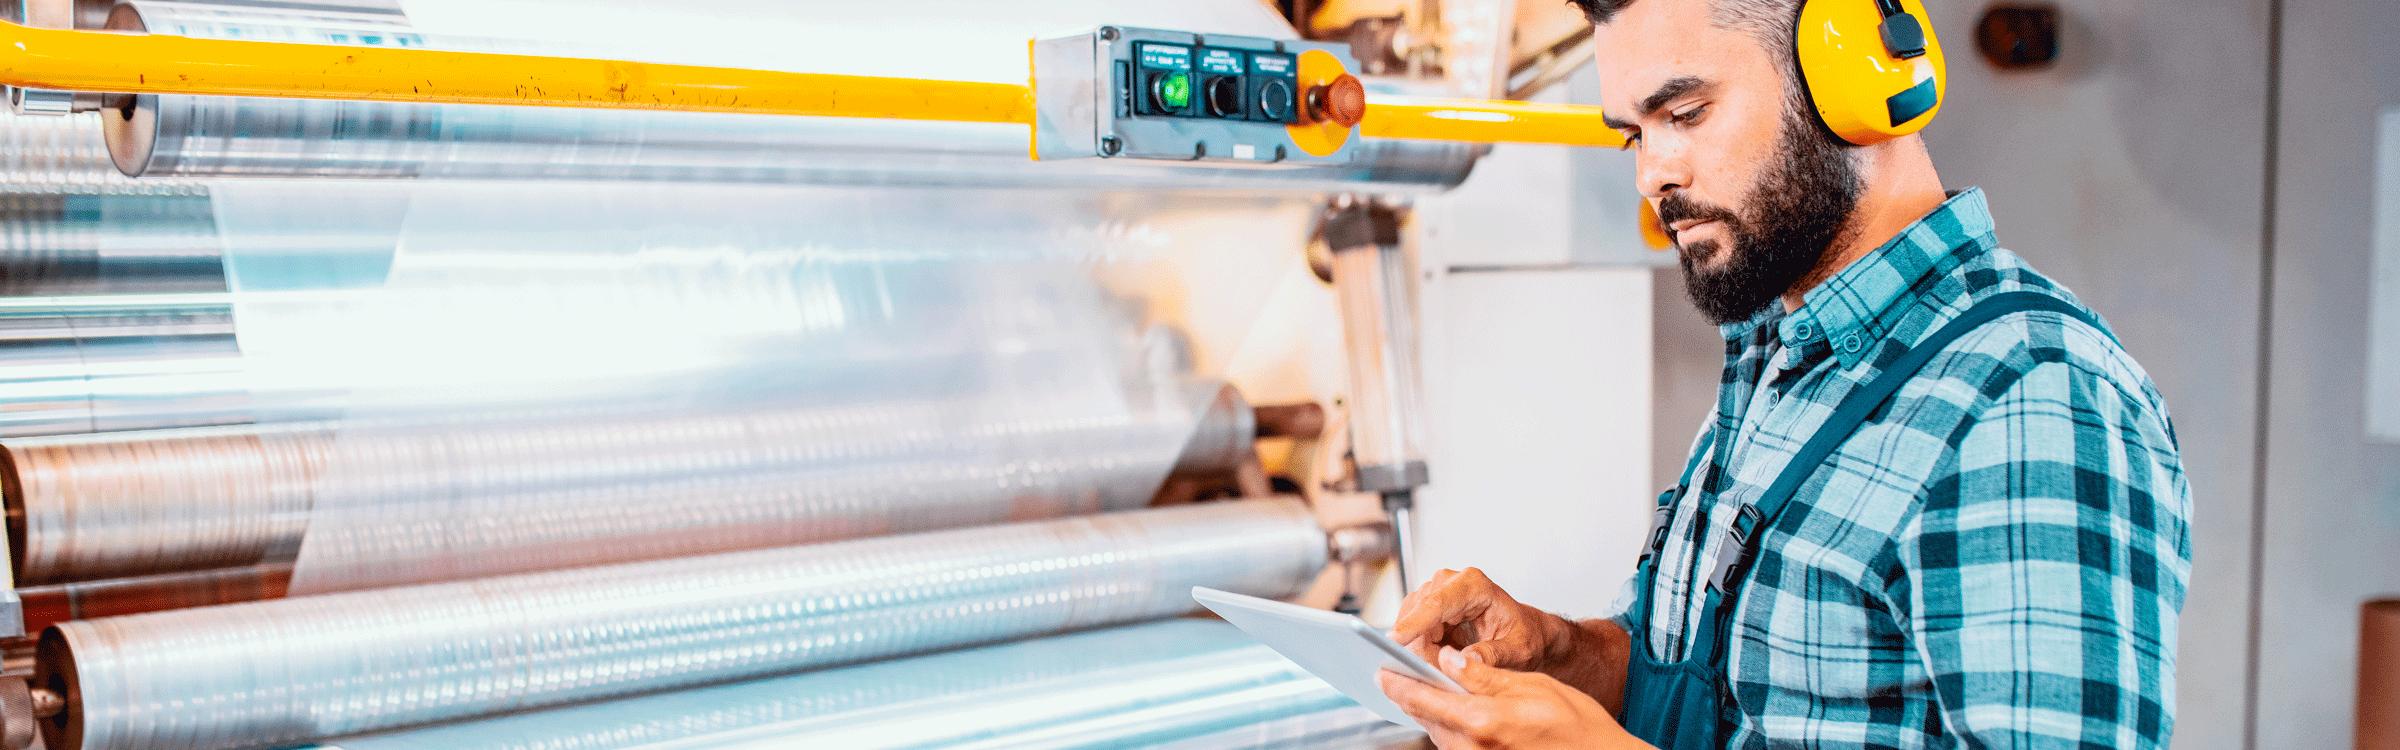 Gérer la qualité et l'efficacité de la production